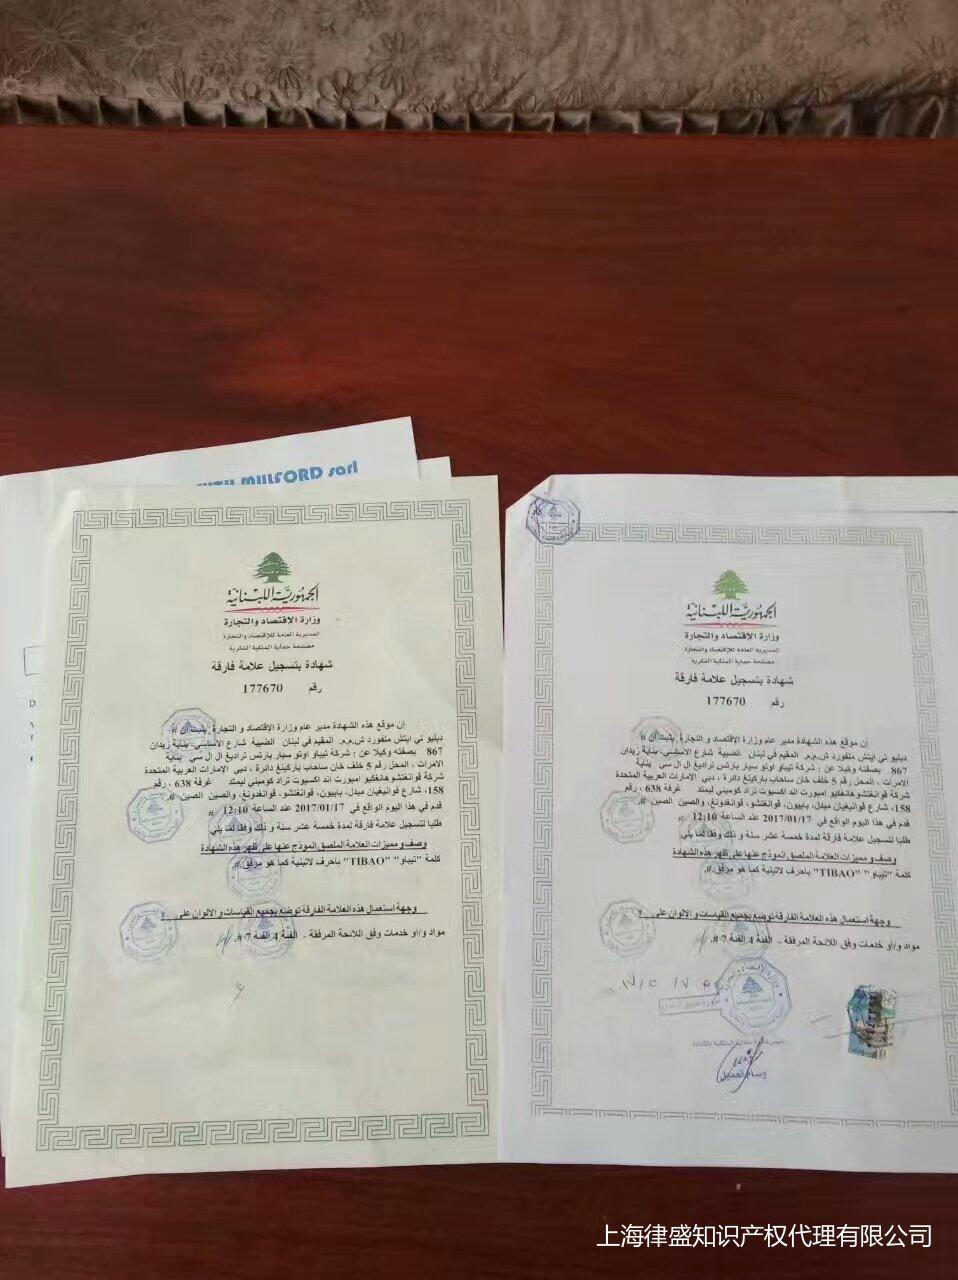 黎巴嫩商标证书.jpg